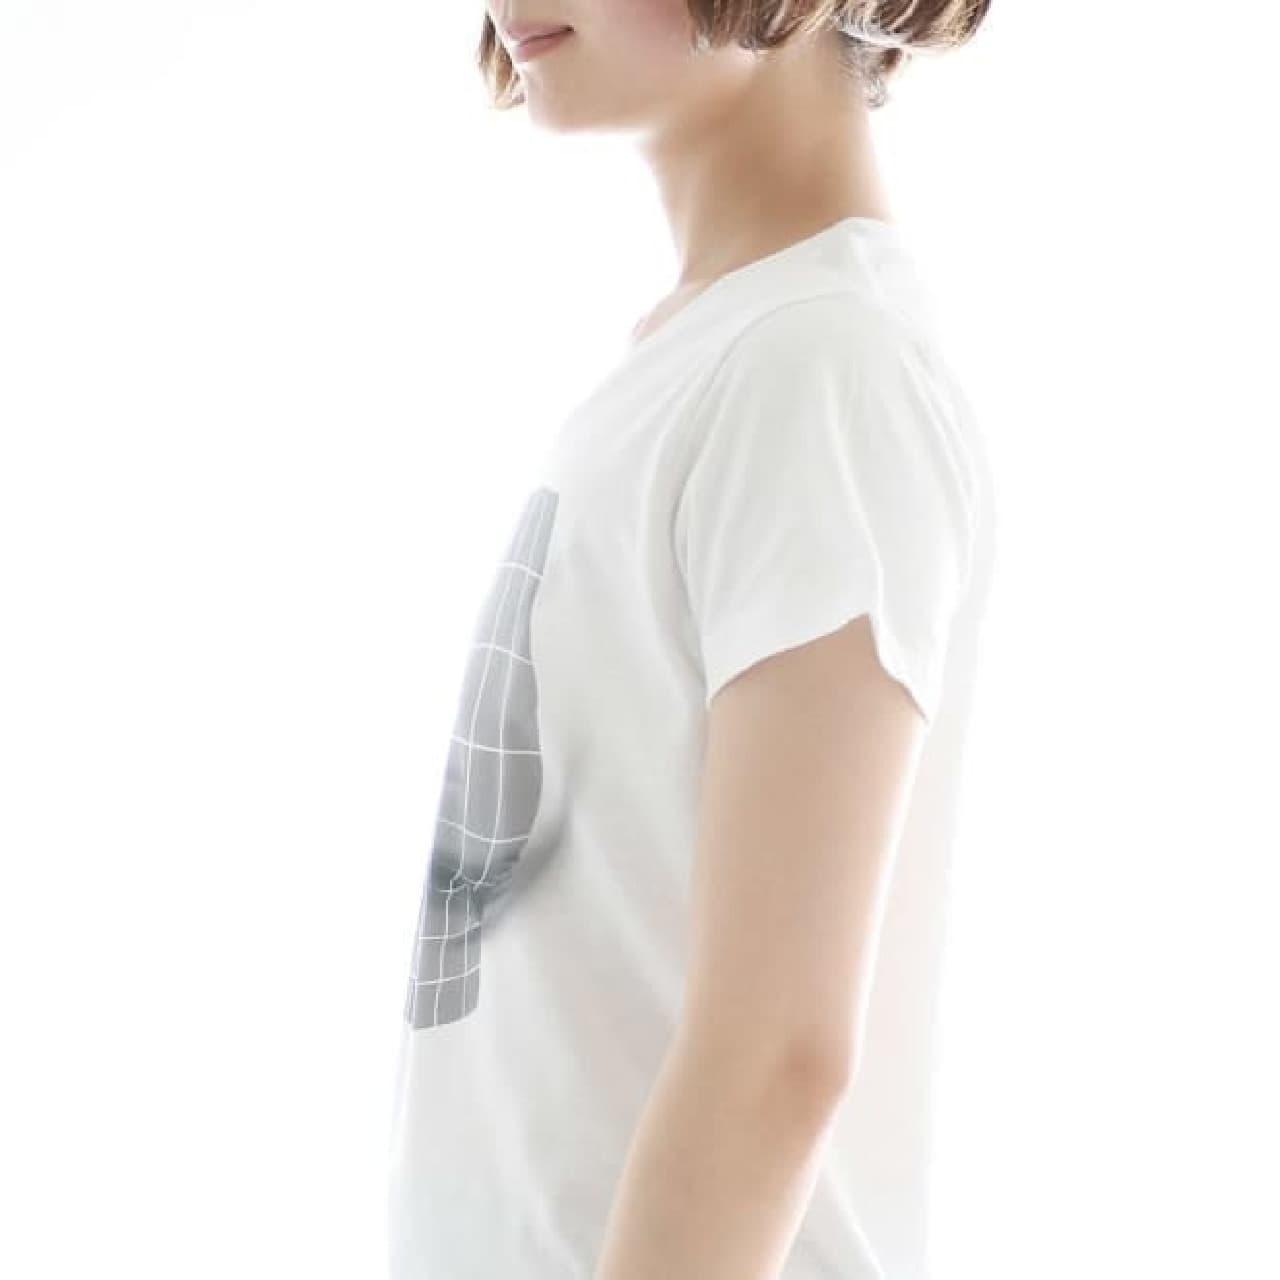 ボリューム感を演出する「妄想マッピングTシャツ/Illusion grid」